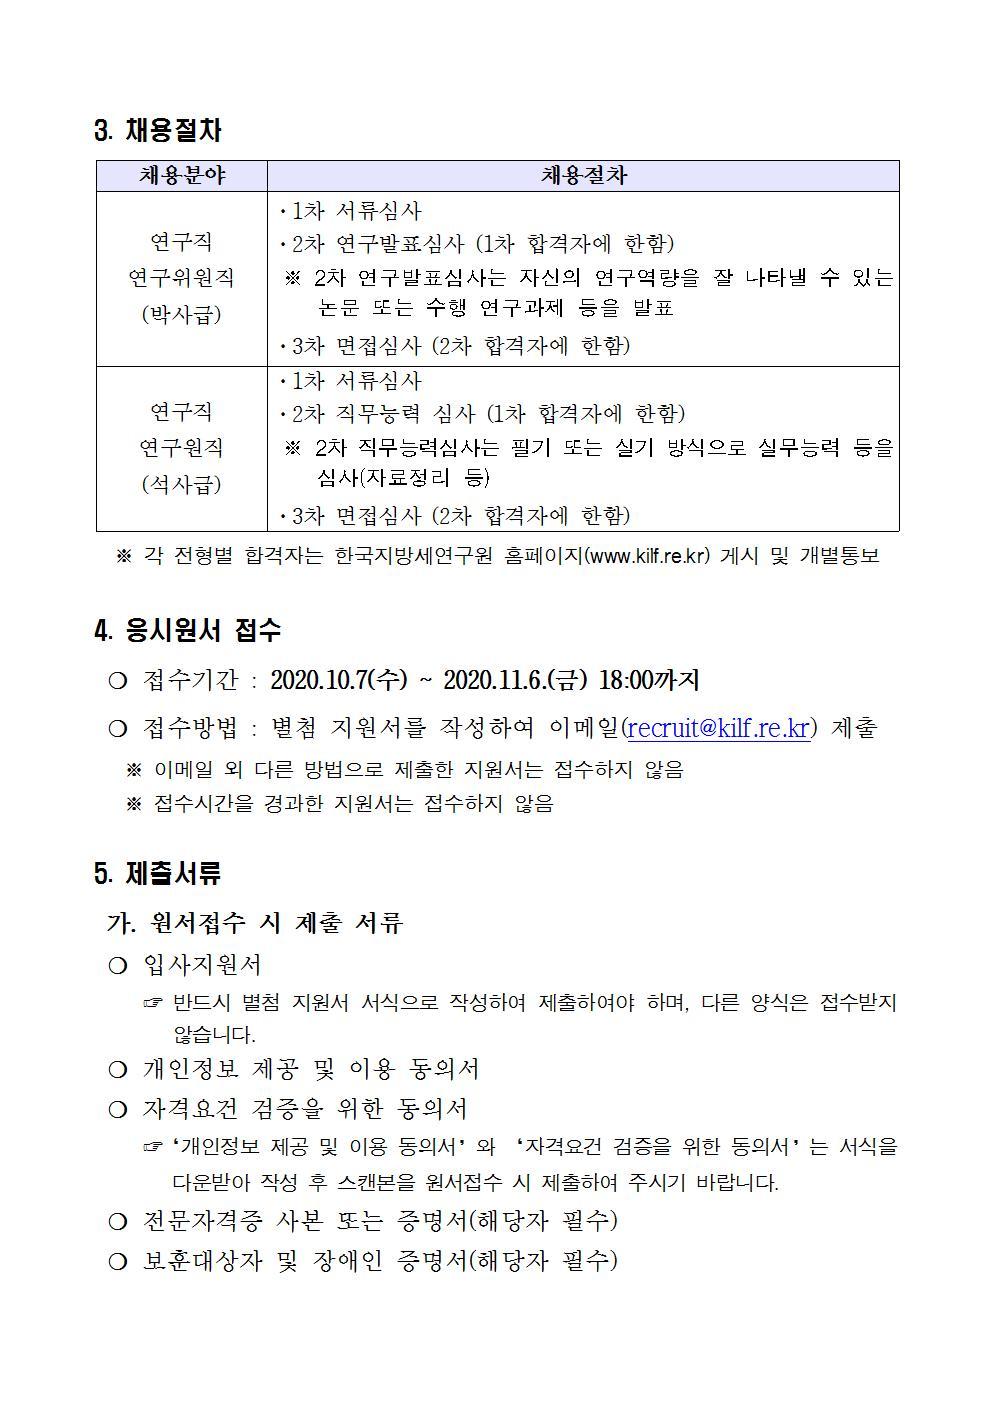 (공고문) 한국지방세연구원 연구직 채용 공고002.jpg